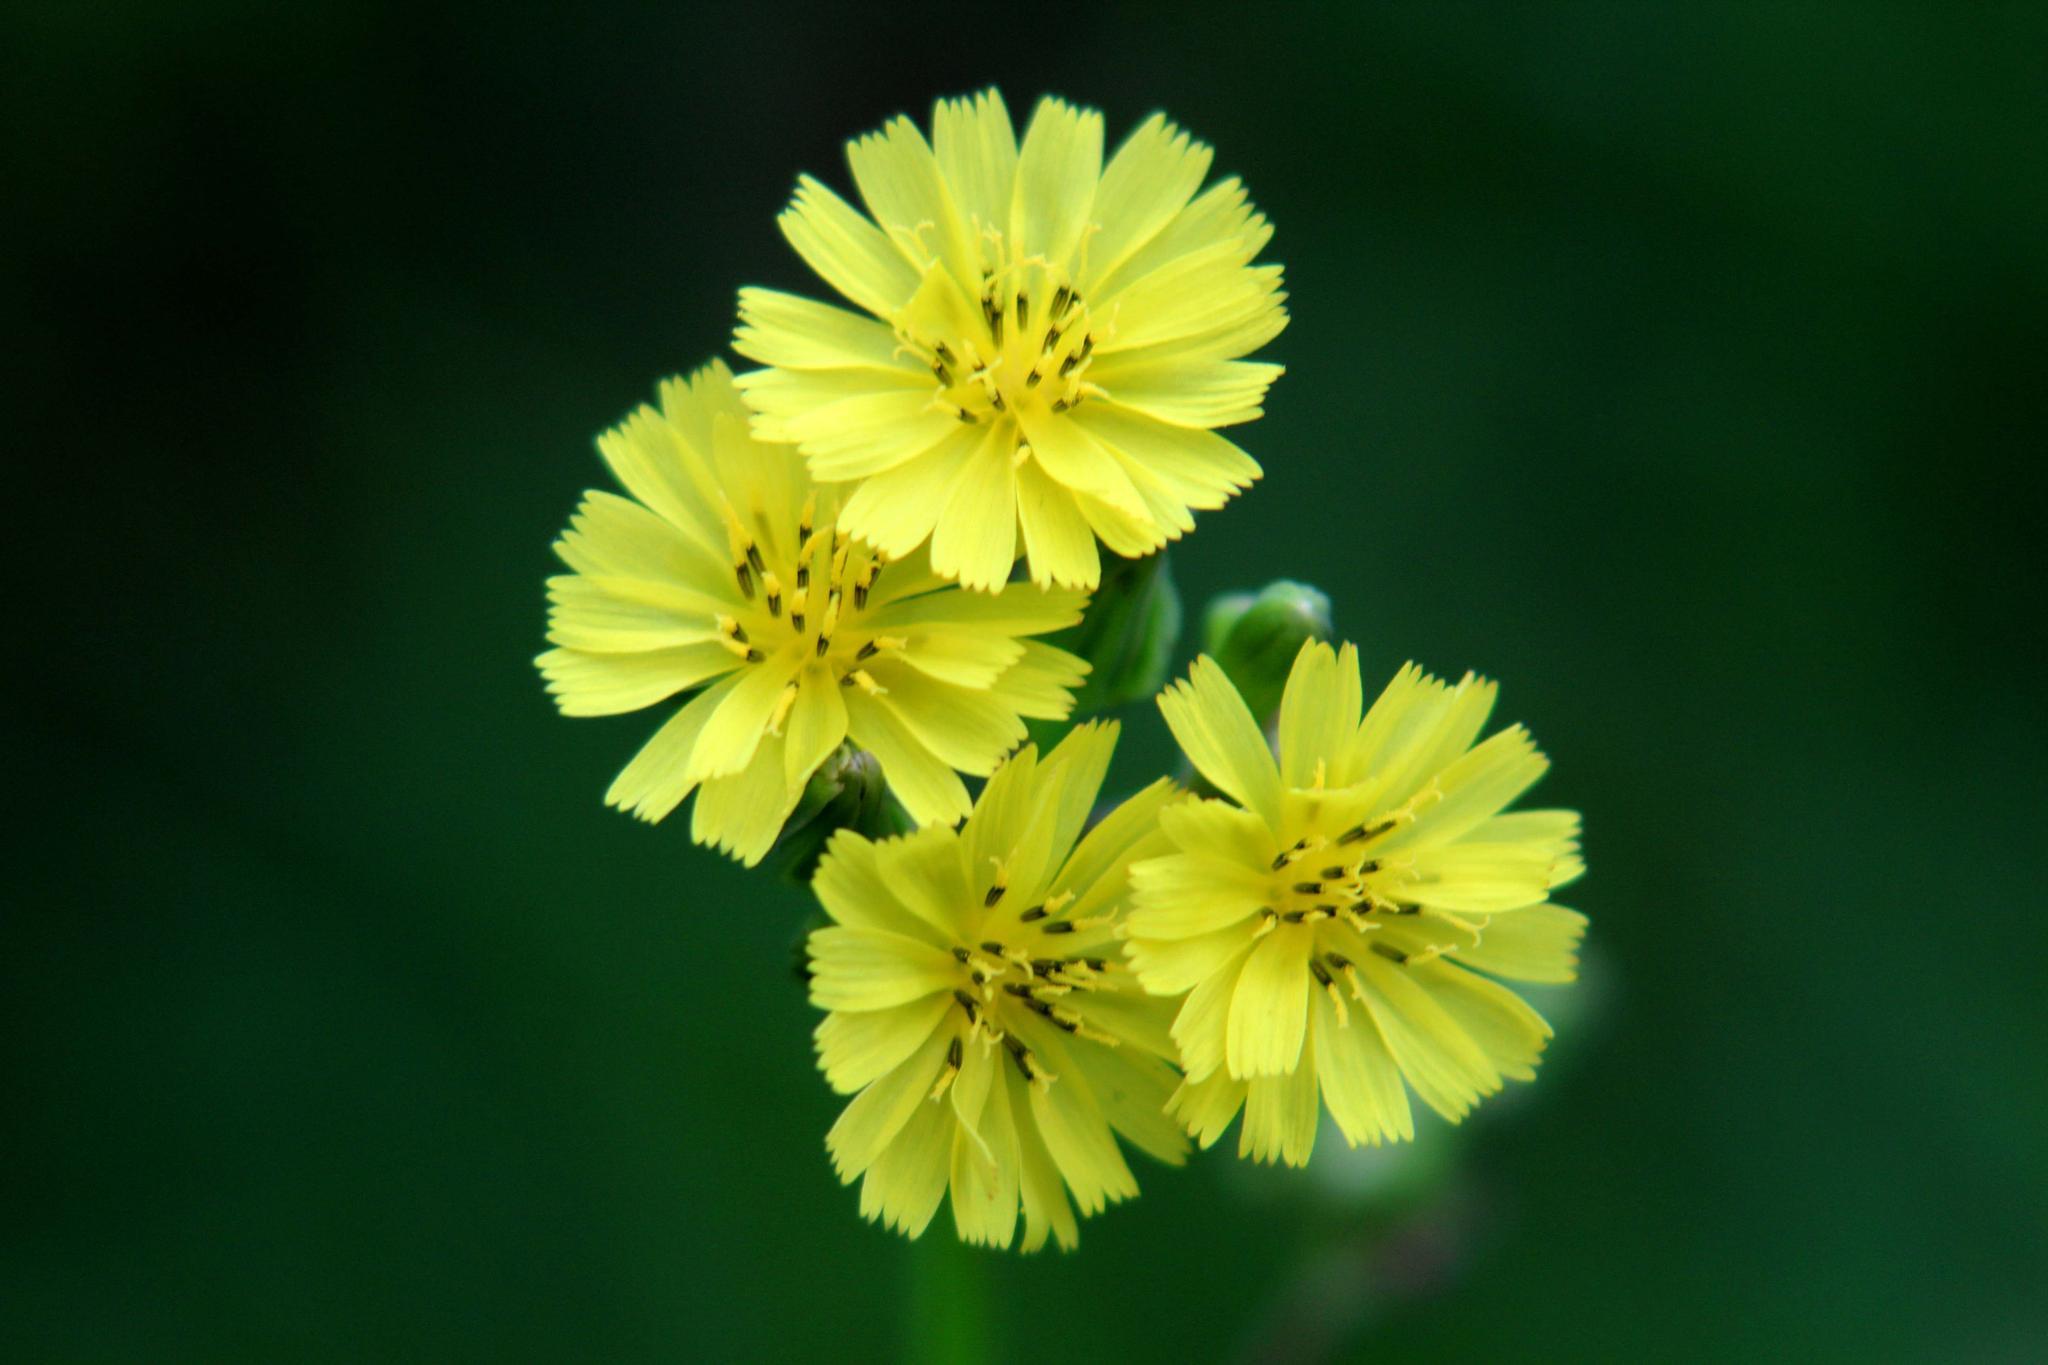 Yellow Flowers by vani.hdz